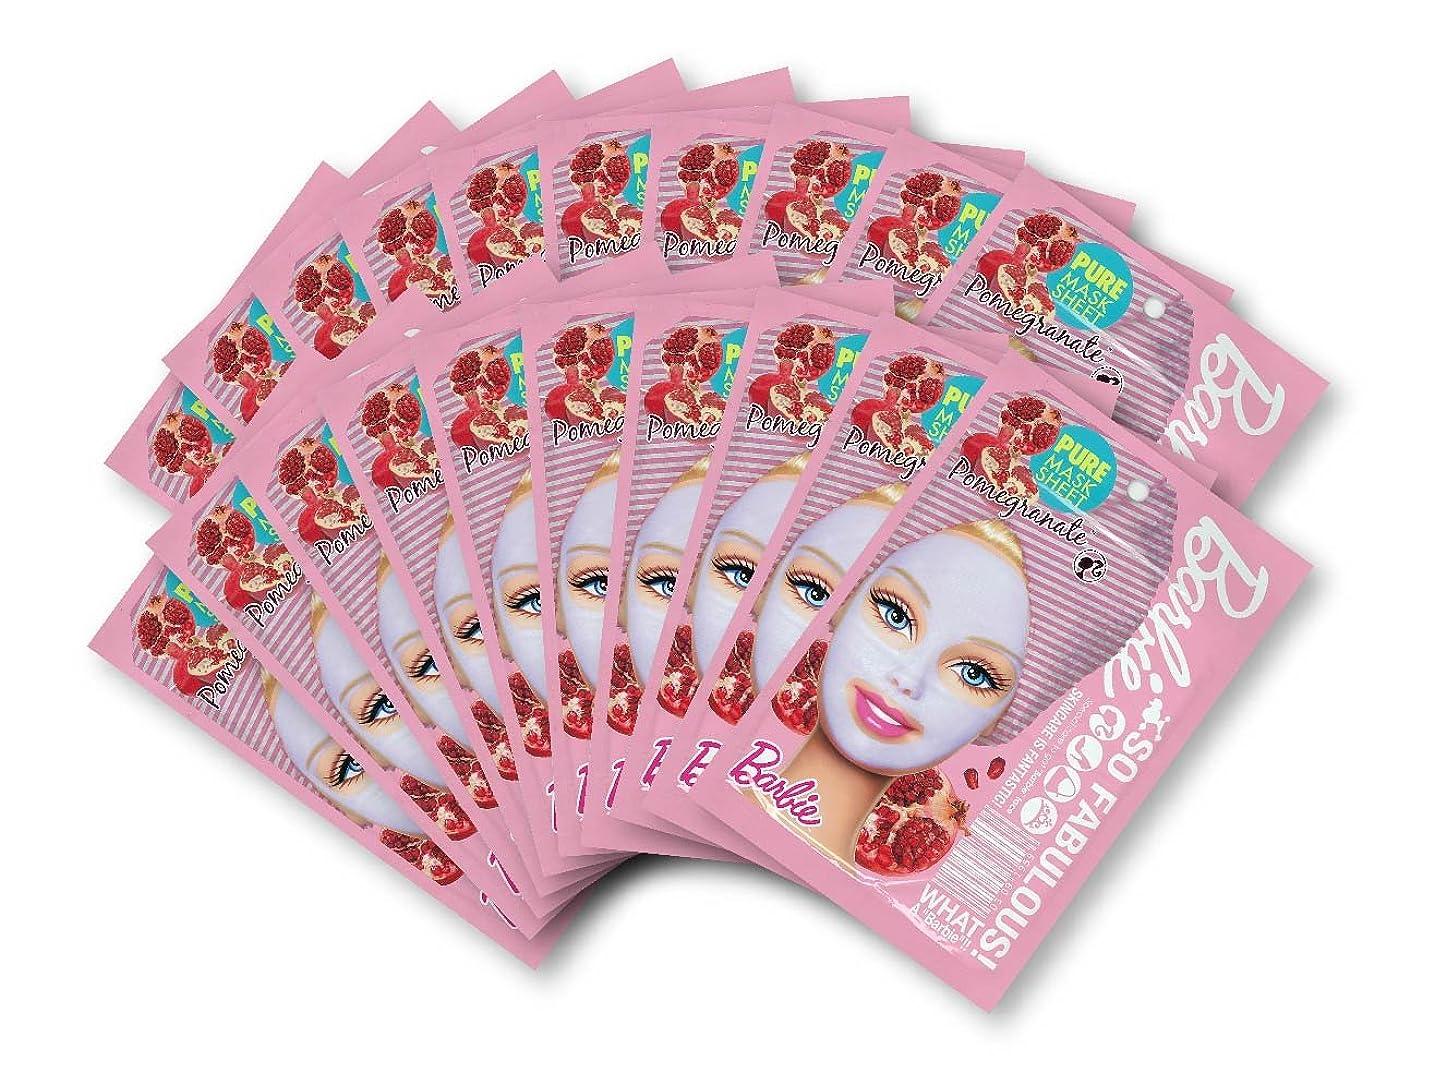 基準広がり趣味バービー (Barbie) フェイスマスク ピュアマスクシートN (ポメグラネート/ざくろ) 25ml×20枚入り [保湿] 顔 シートマスク フェイスパック